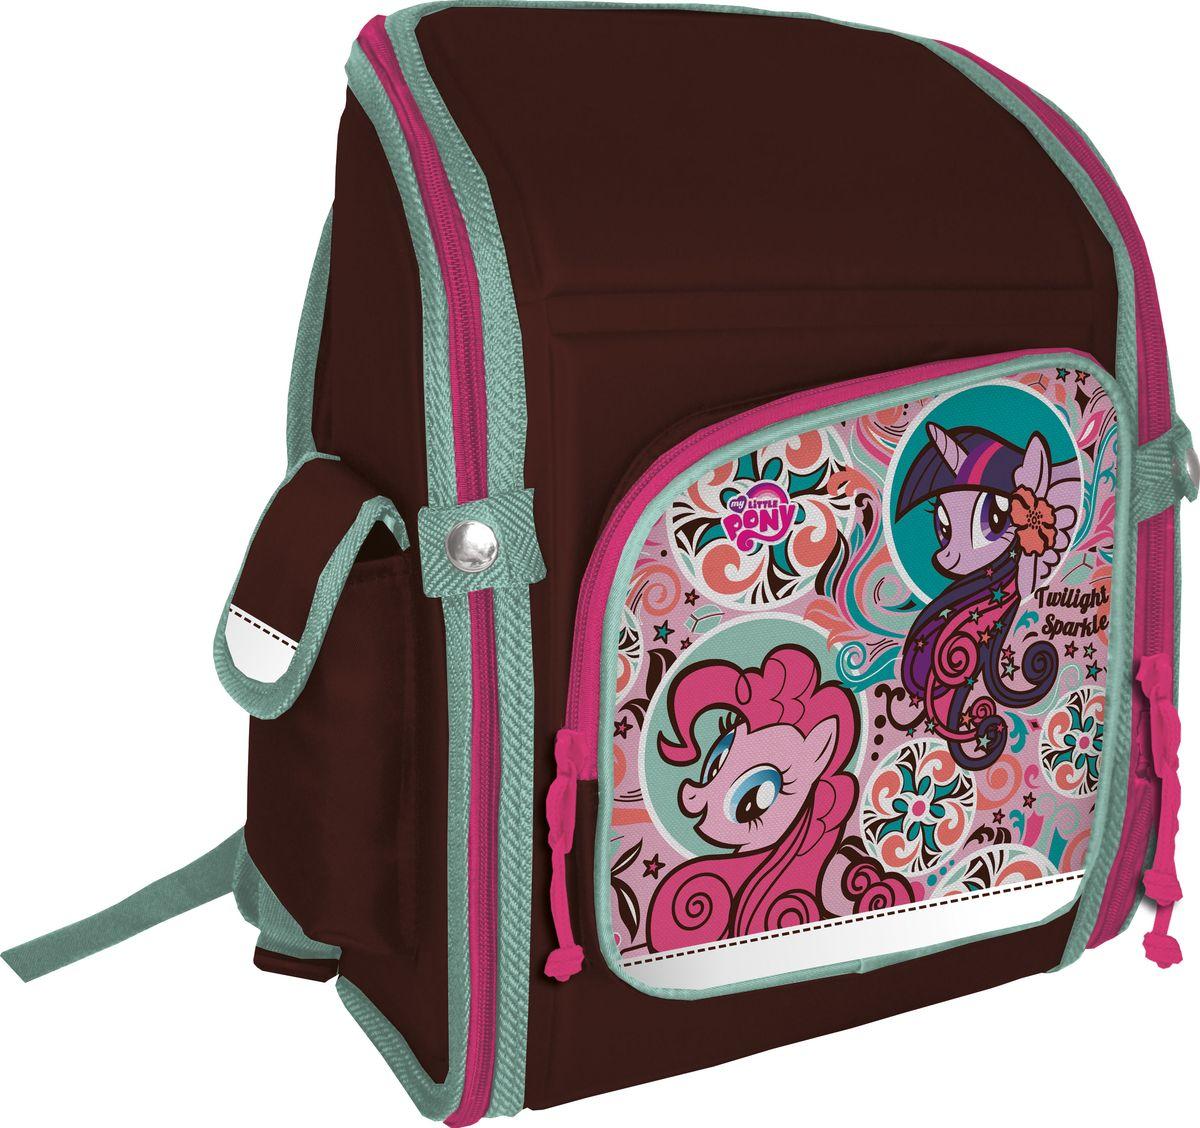 My Little Pony Рюкзак My Little PonyMPDB-MT1-118Ранец школьный, трансформер, с одним отделением на молнии, фронтальным карманом на молнии и двумя боковыми карманами; внутри отделения - два разделителя с утягивающей резинкой; корпус рюкзака, спинка, дно и крышка выполнены из EVA; лямки анатомической формы, регулируются по длине; для безопасности рюкзак снабжен светоотражающими элементами. Размер: 34,5 х 26 х 13 см.